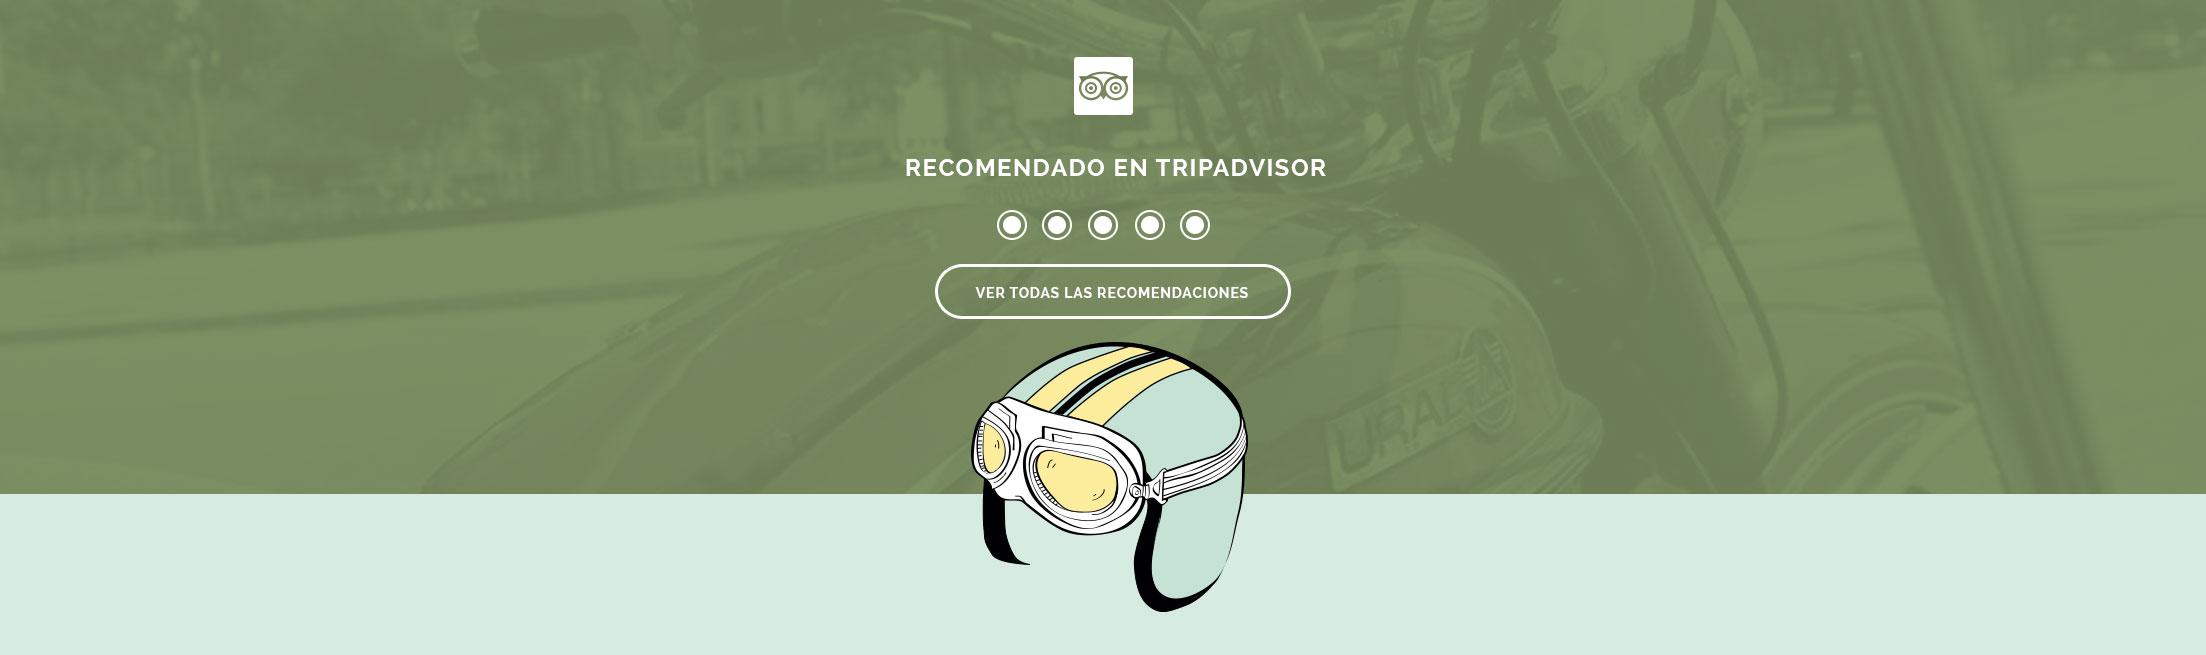 tripadvisor-esp (1)